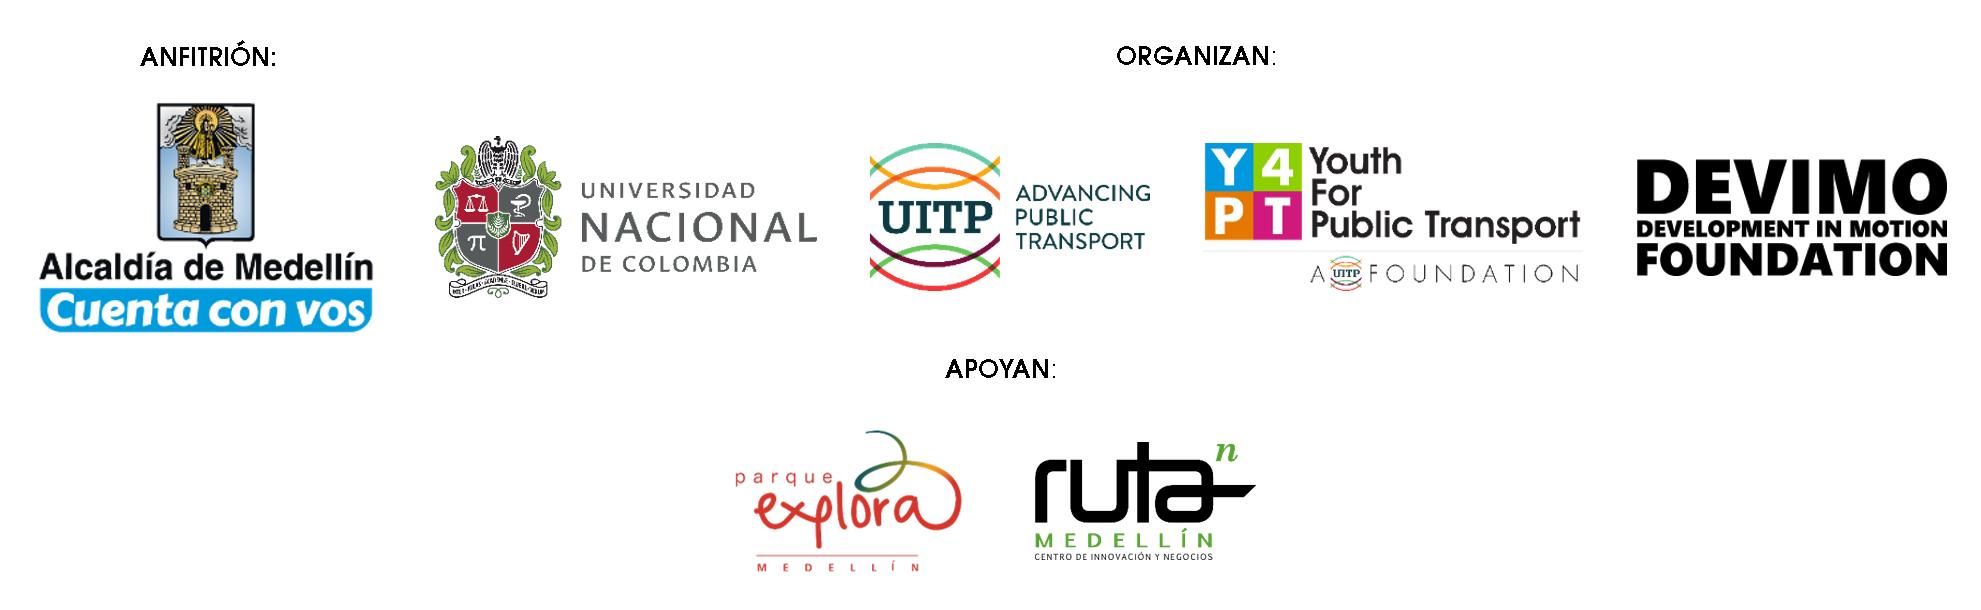 Y4PT Transport Hackathon Medellín 2017